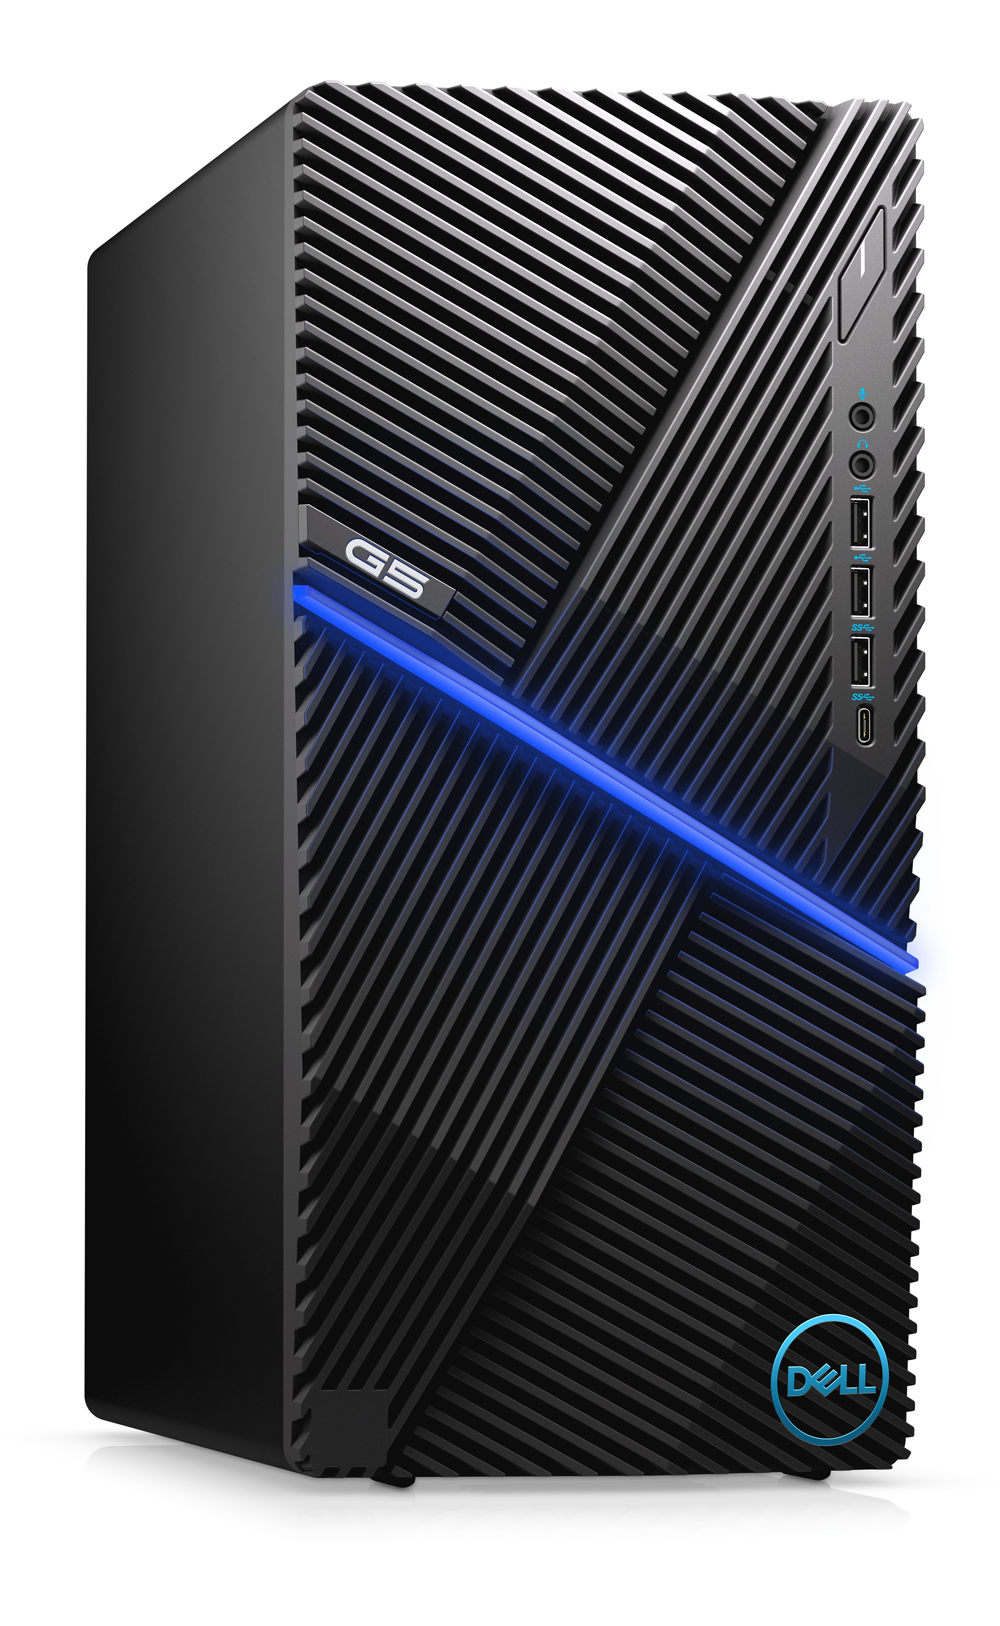 DELL G5 ゲーミング デスクトップ